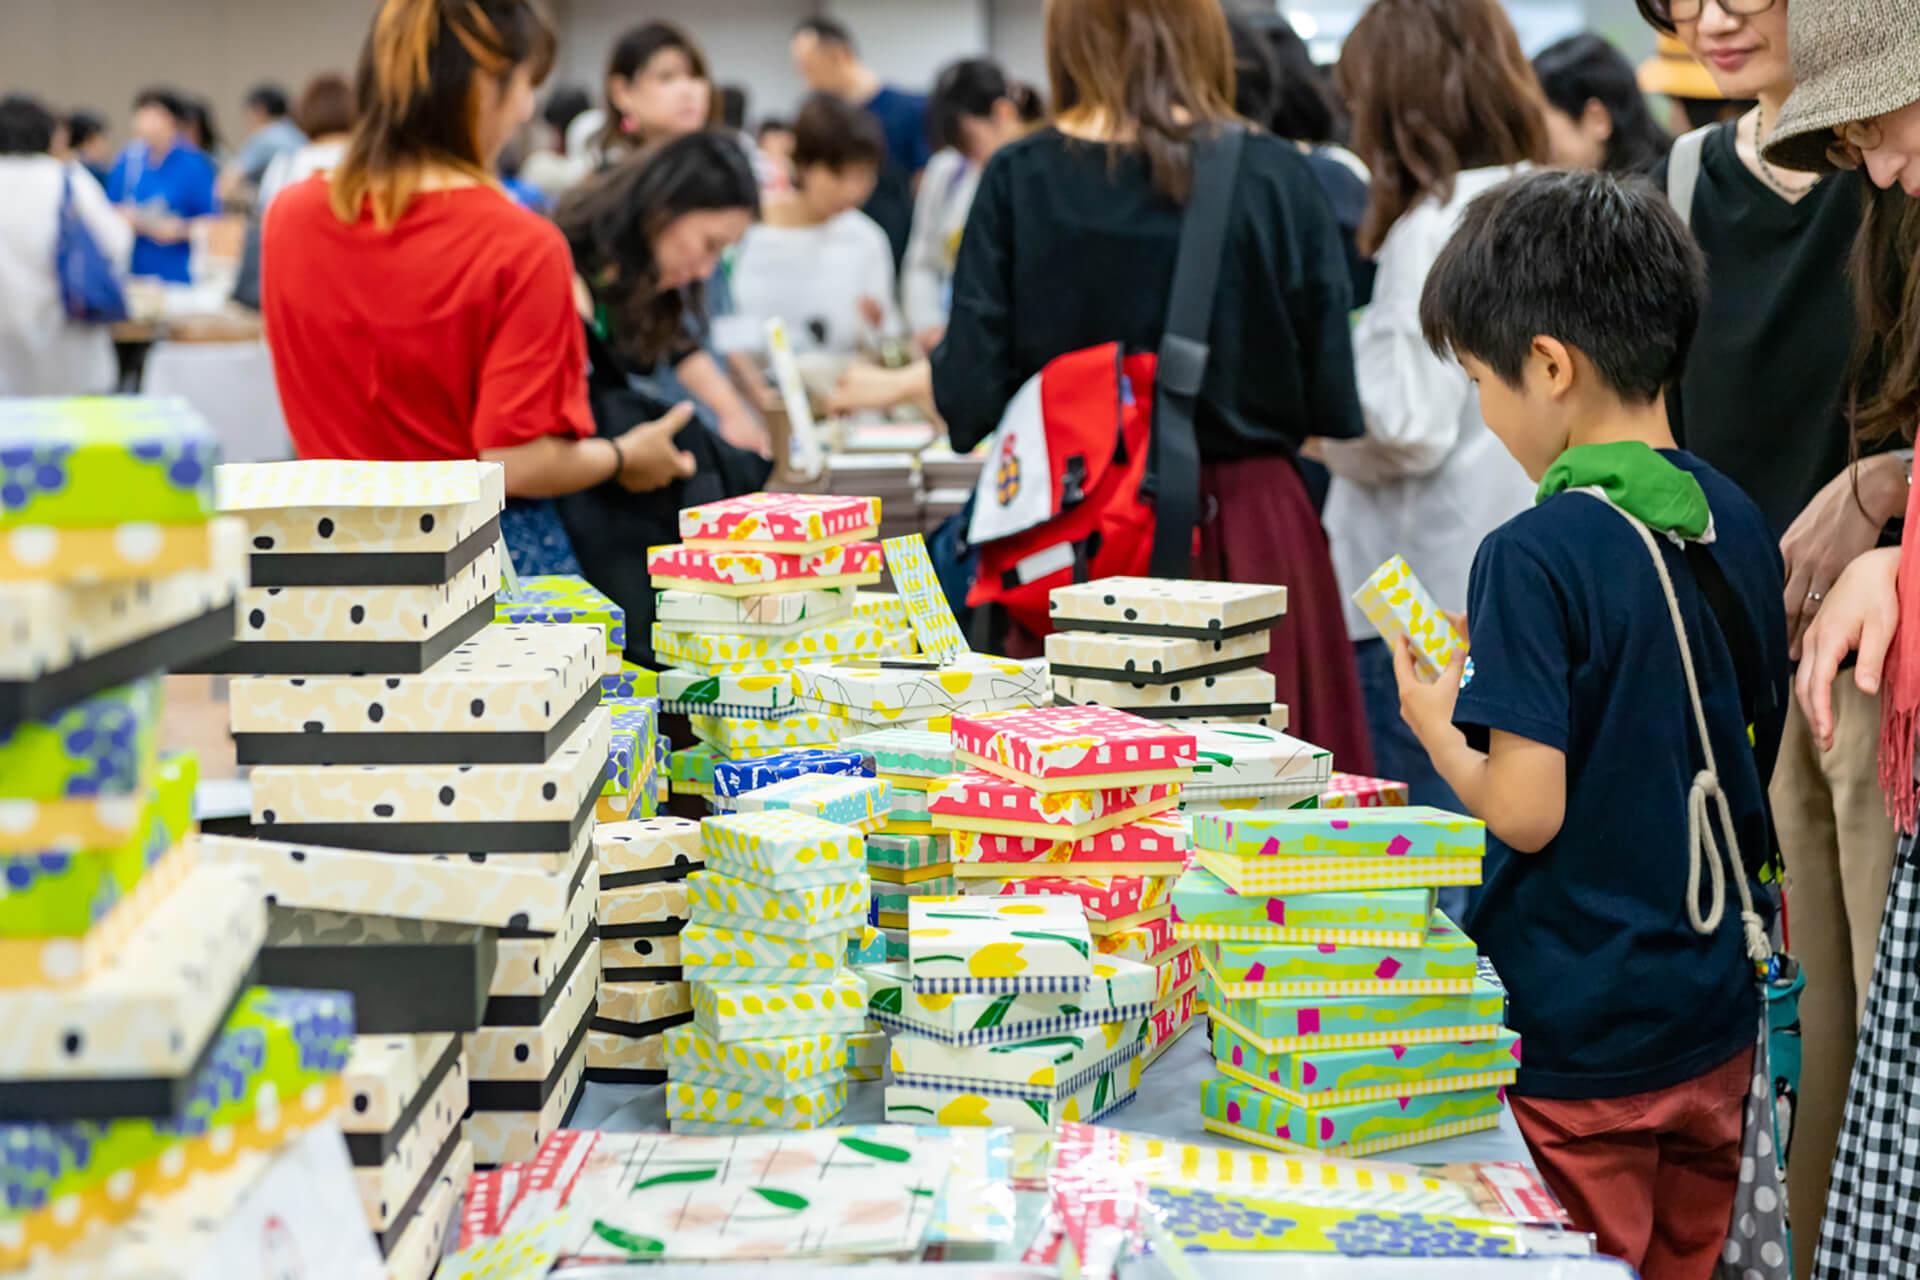 この写真は紙博 in東京 vol.3の会場風景・子供が商品を選択中